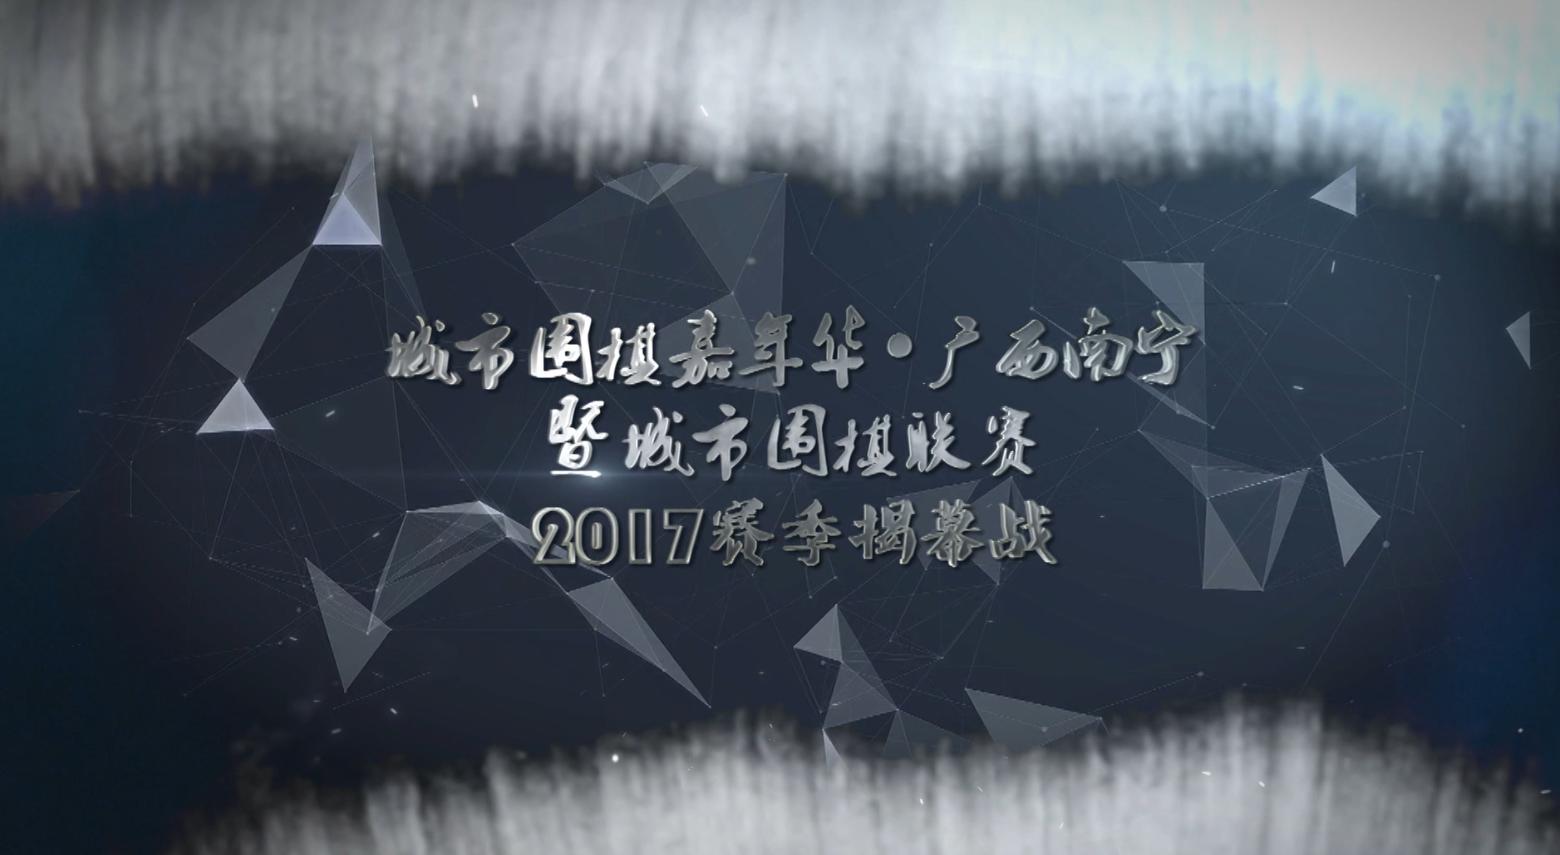 广西卫视时尚中国-城围联2017赛季专题片第一集